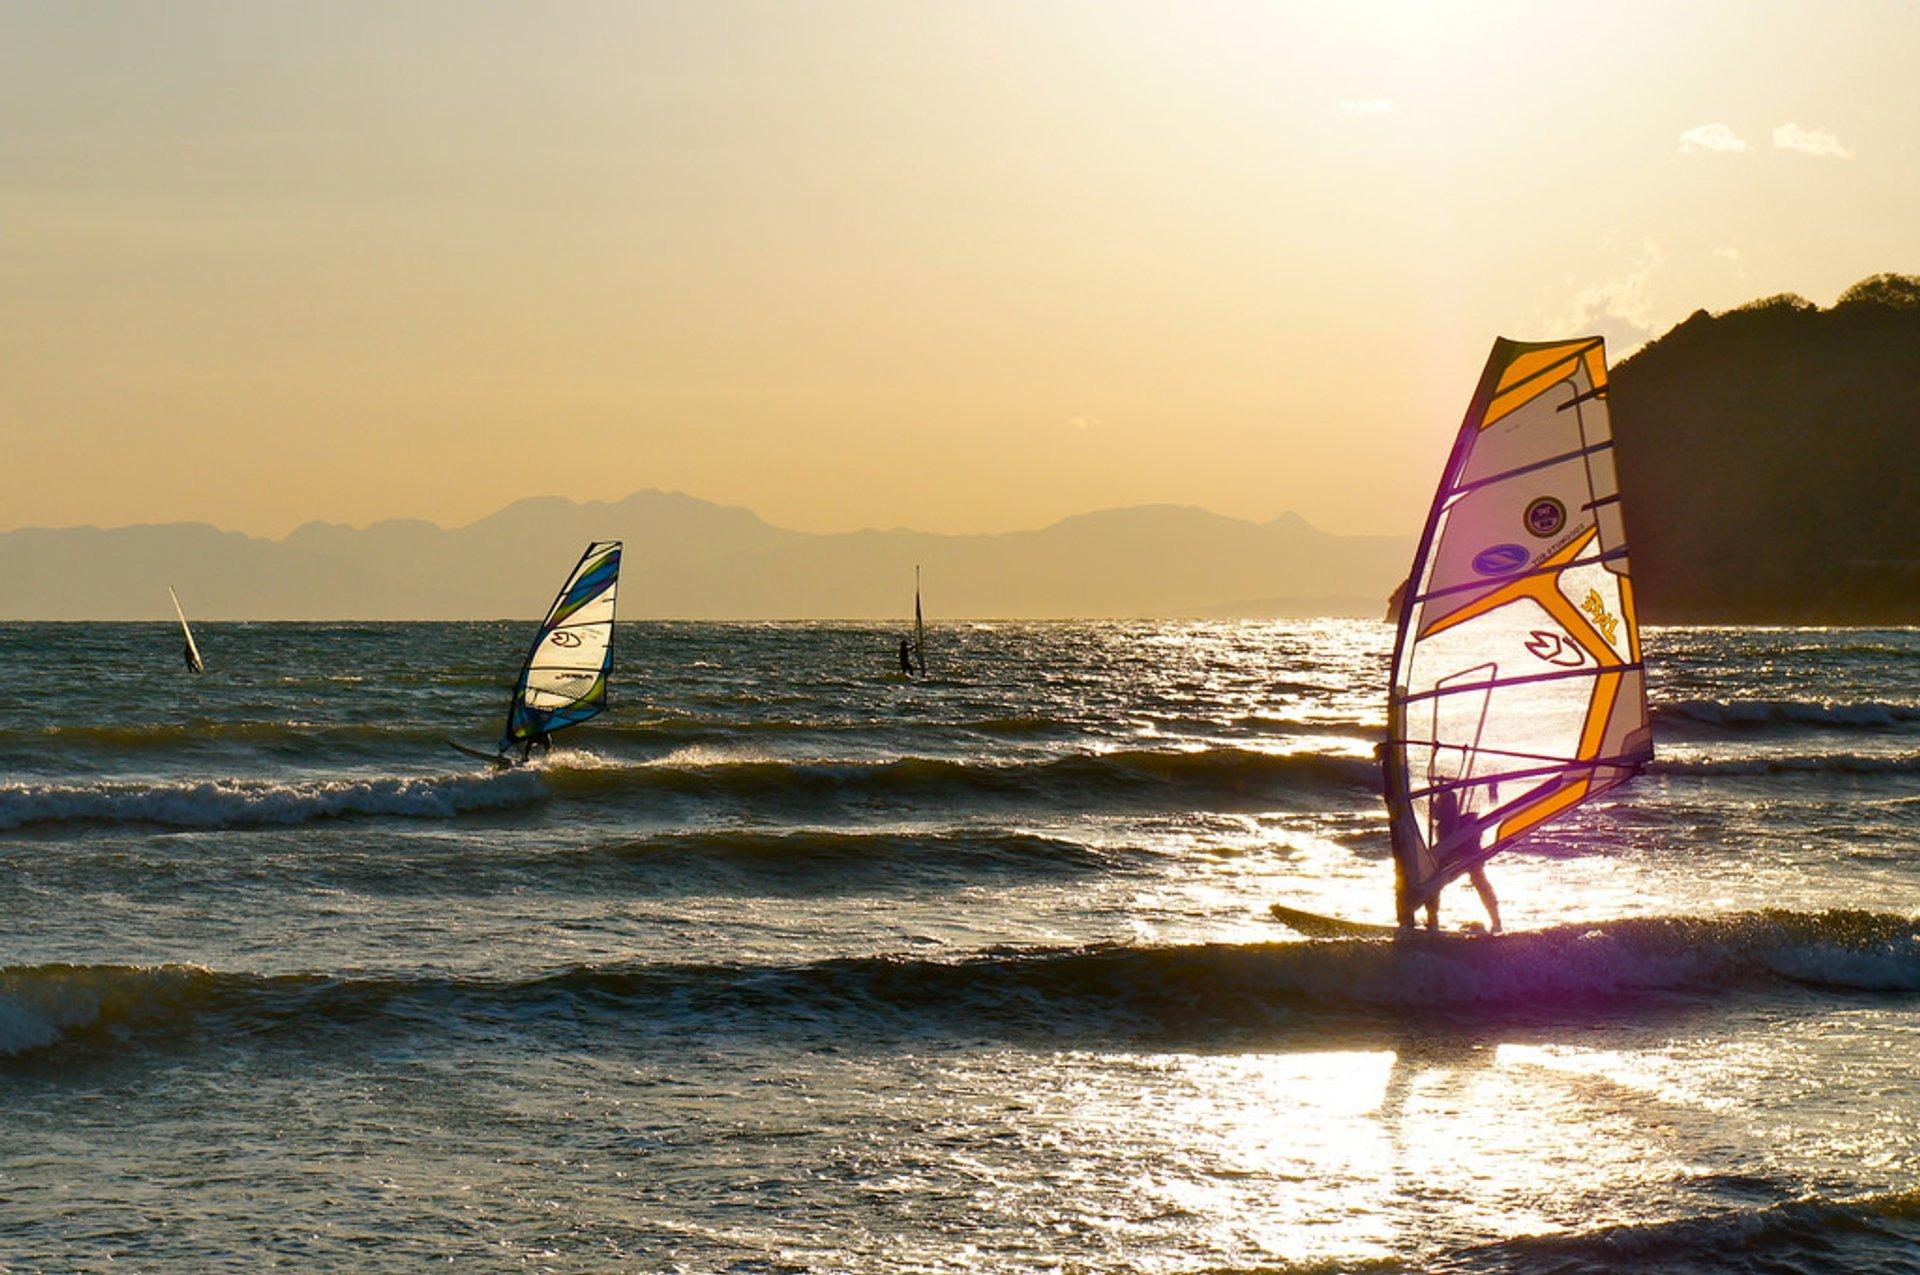 Surfing & Windsurfing in Tokyo 2020 - Best Time